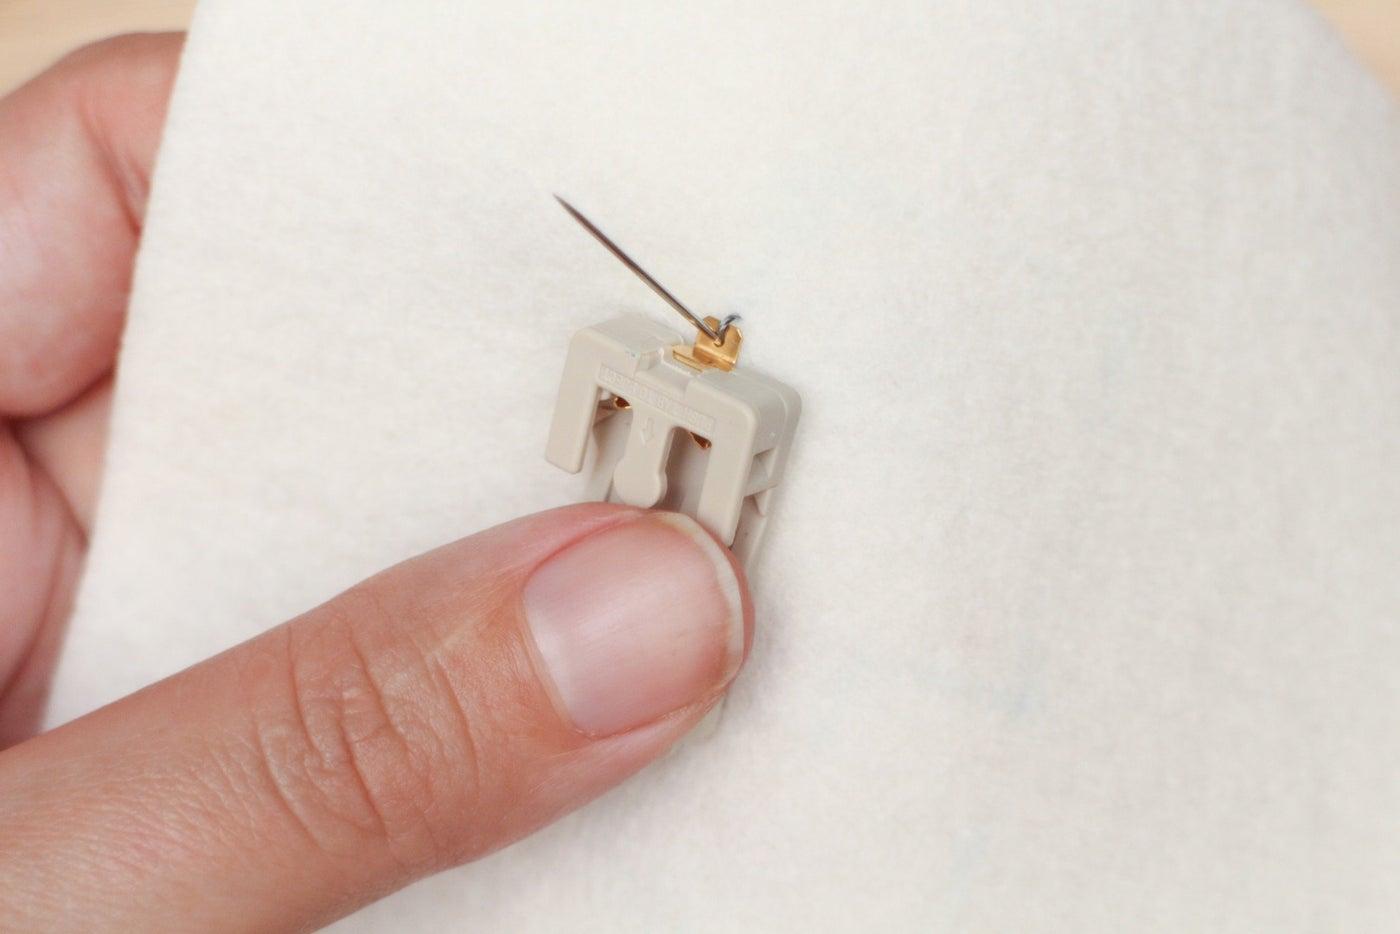 Sew Down Battery Holder